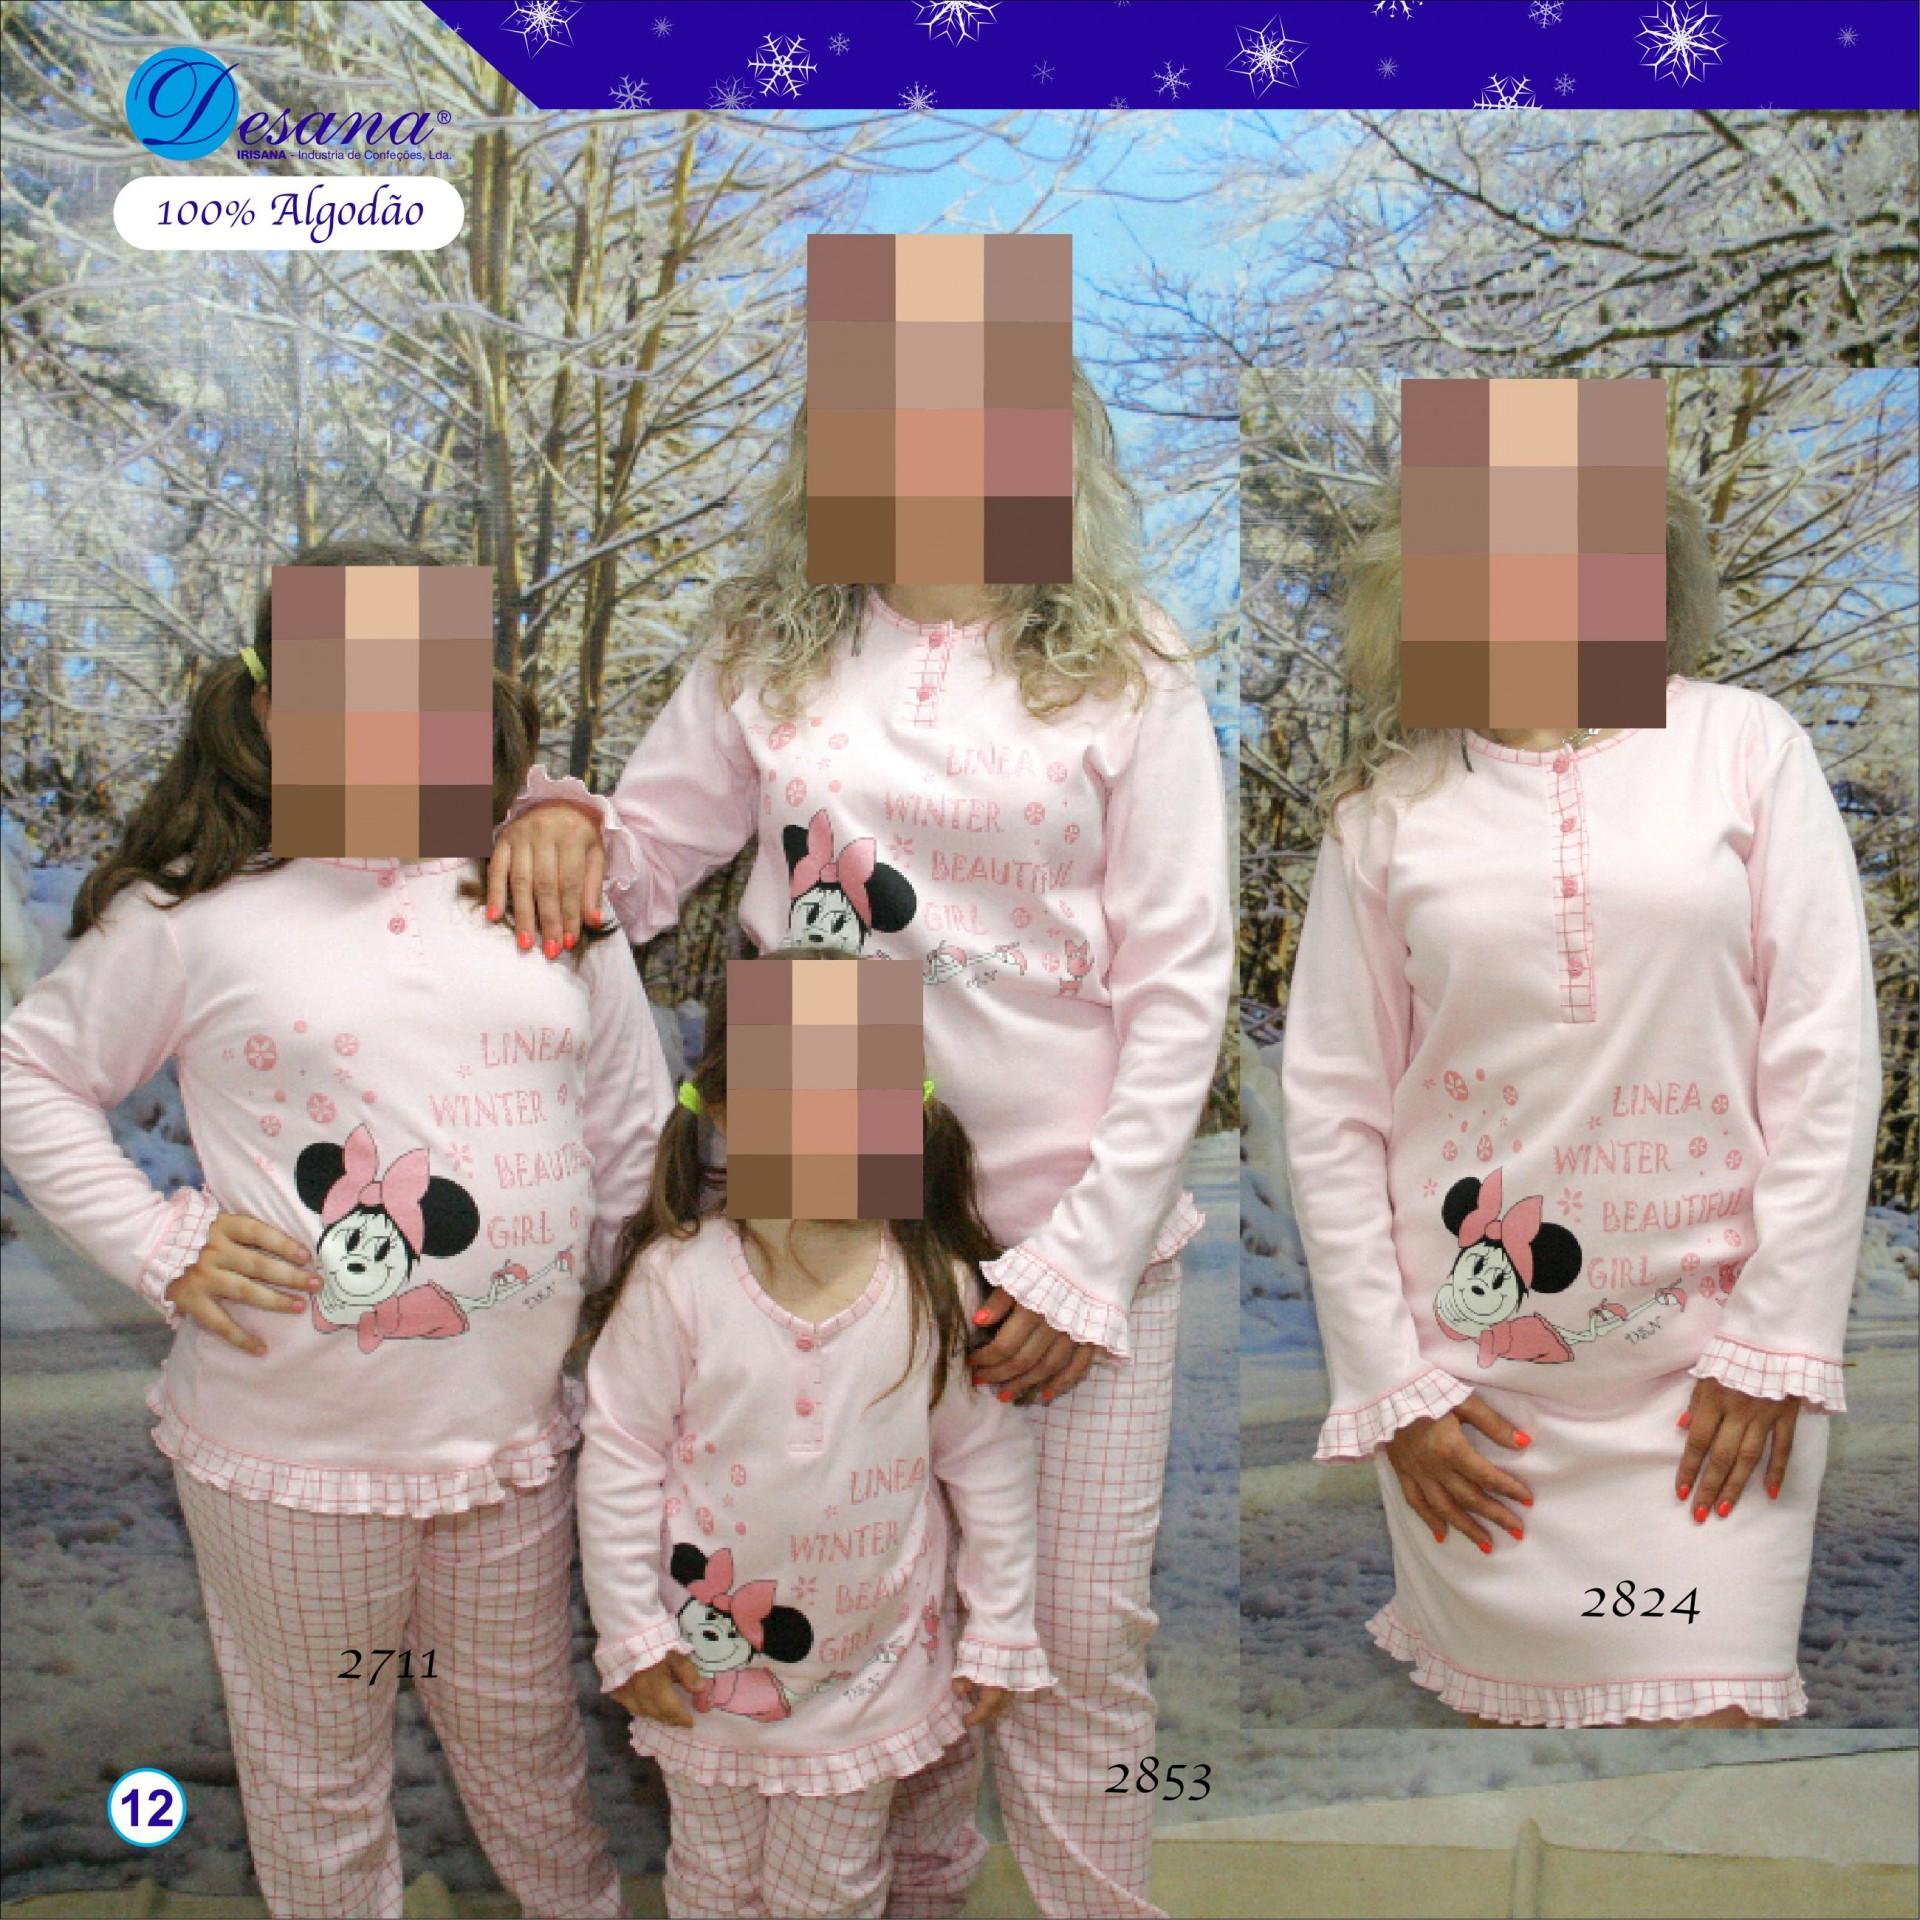 Pijama Criança